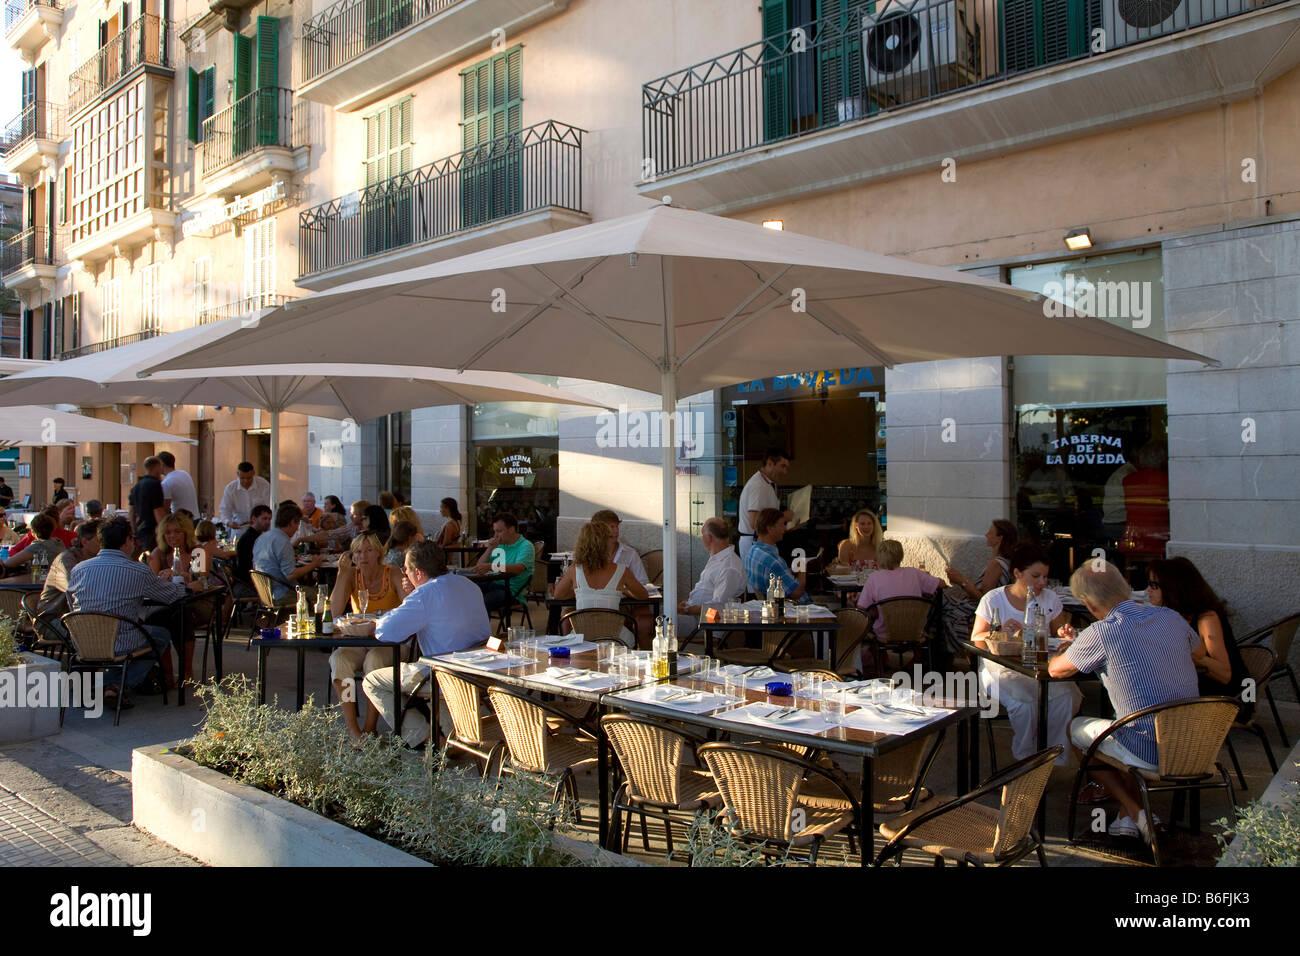 Taberna De La Boveda Restaurante Y Bar Terraza Palma De